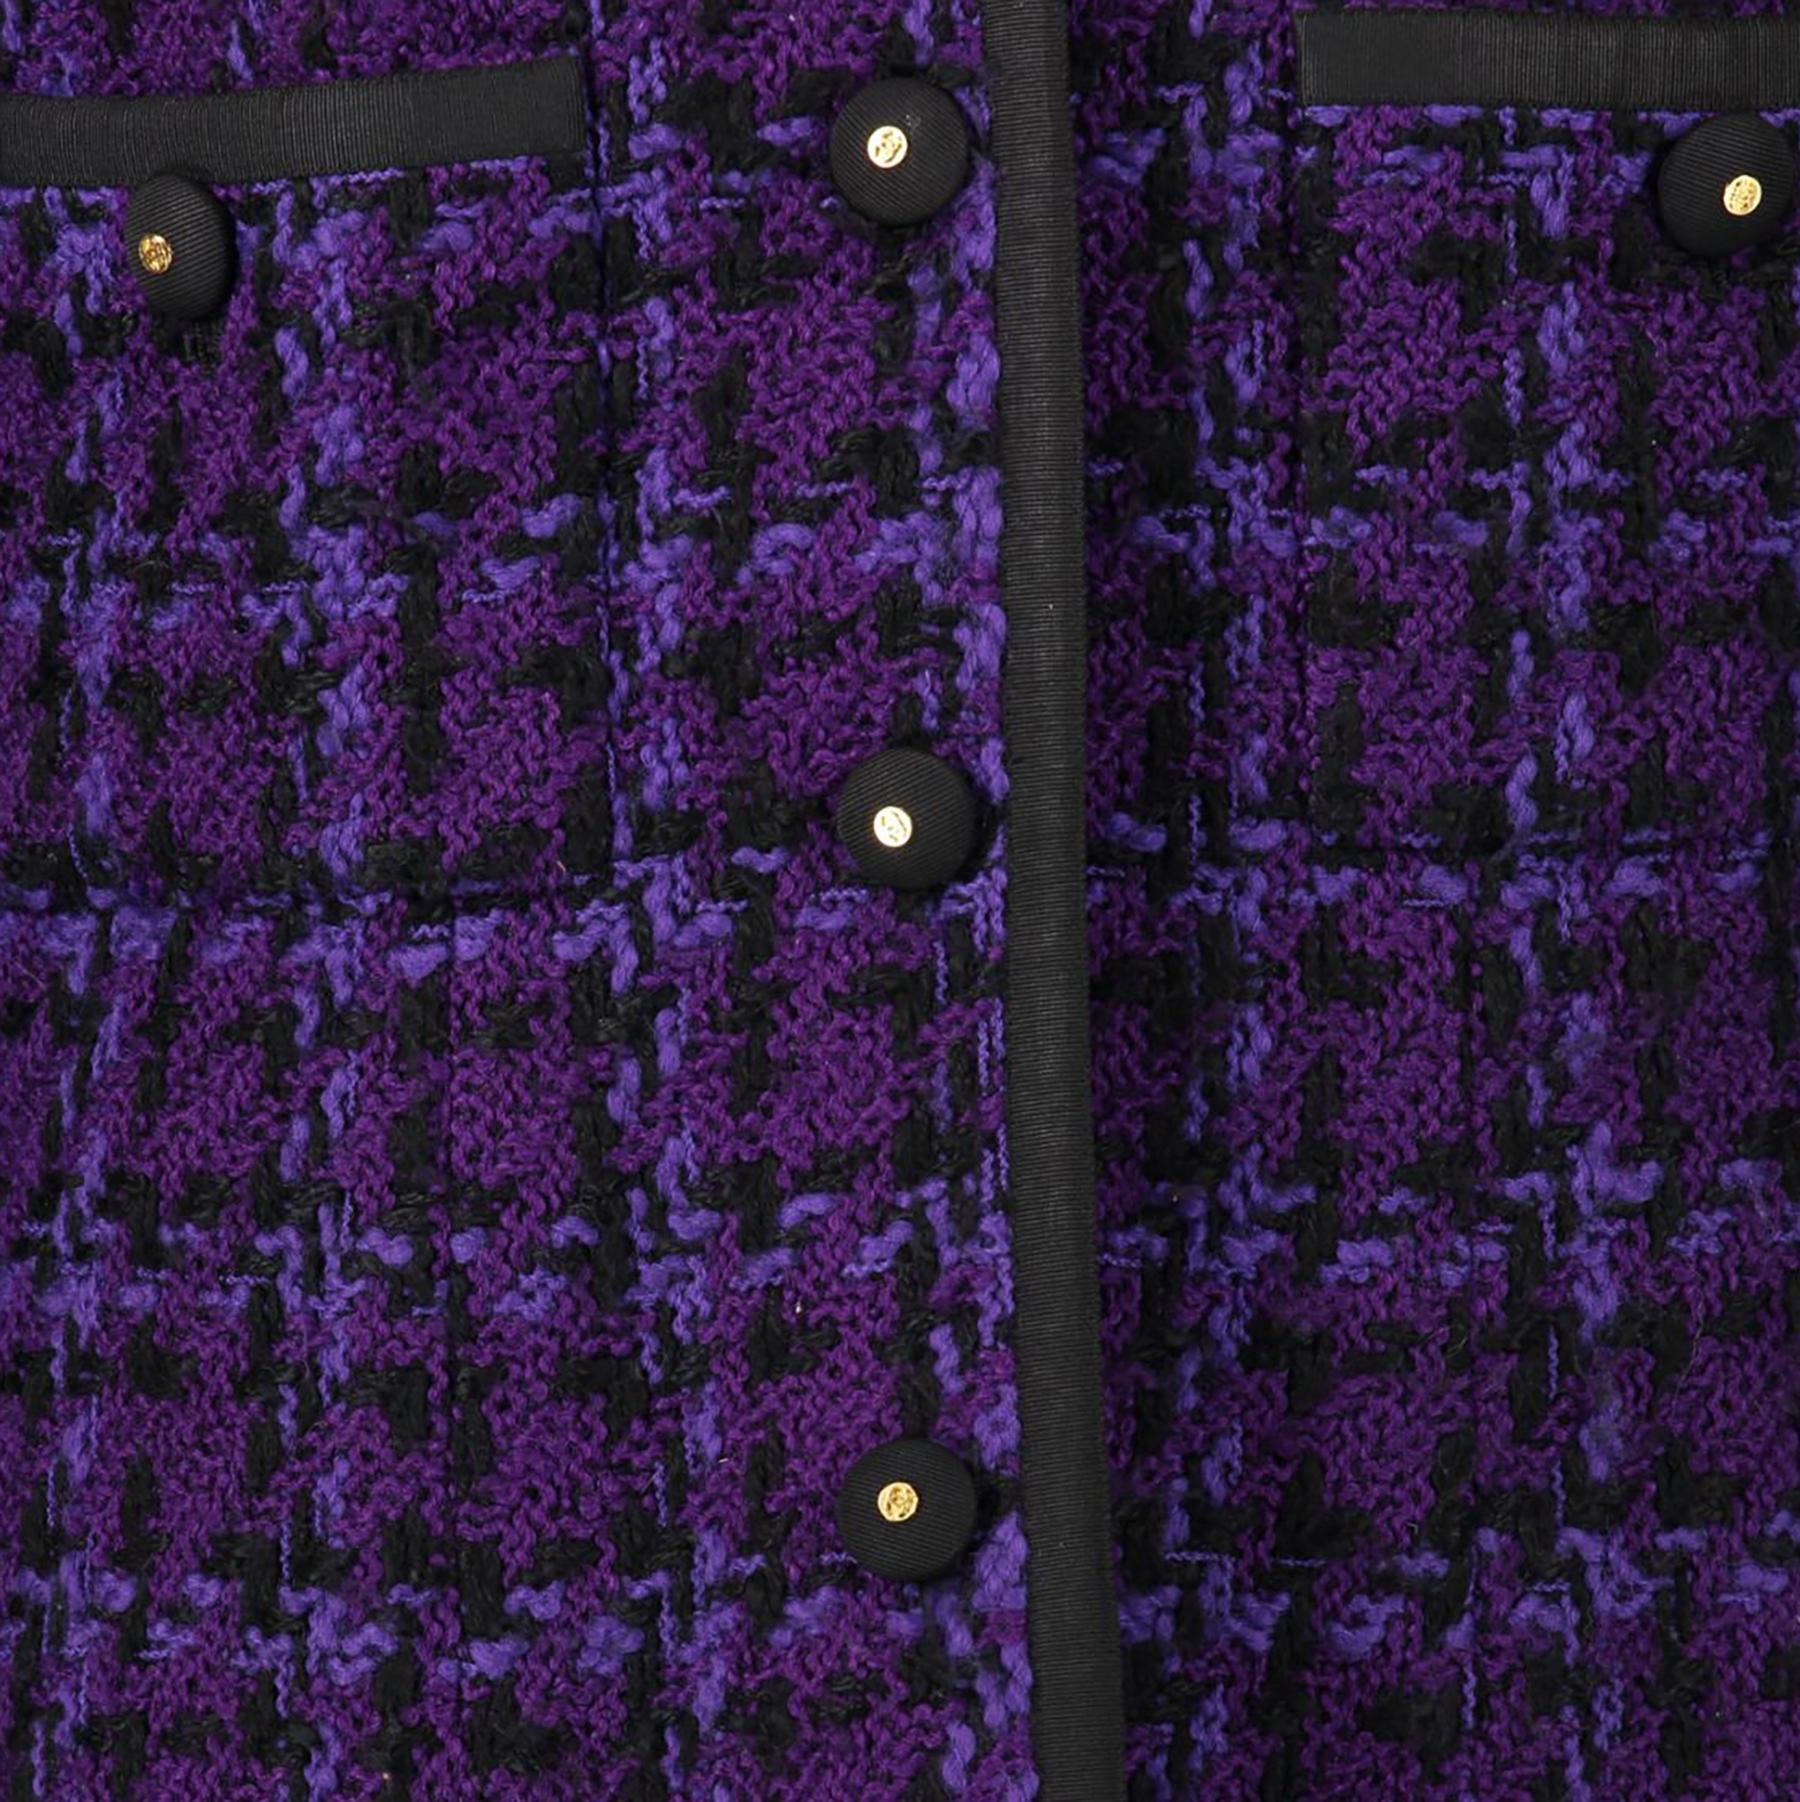 Koop veilig online aan de beste prijs paarse chanel boutique tailleur webshop Labellov Antwerpen, België